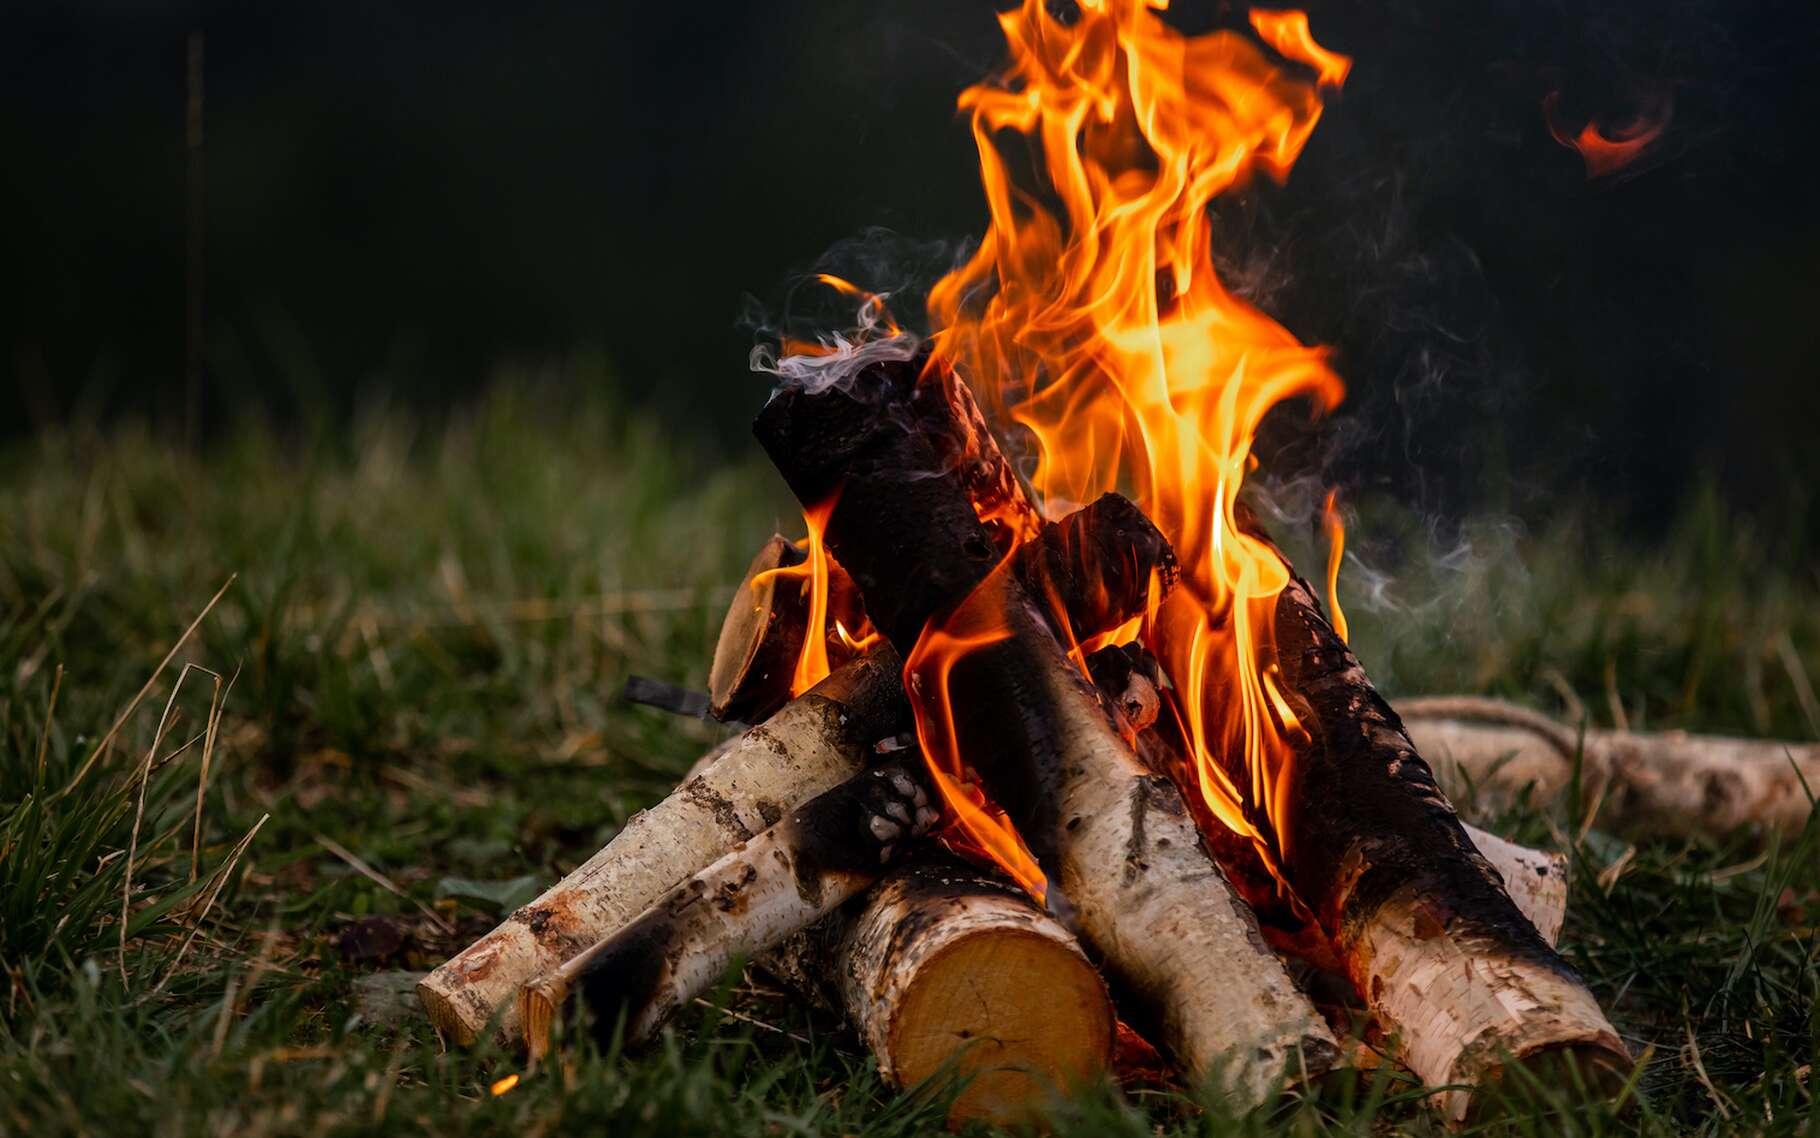 Le bois est l'un des plus connus des combustibles. © Andriy, Adobe Stock